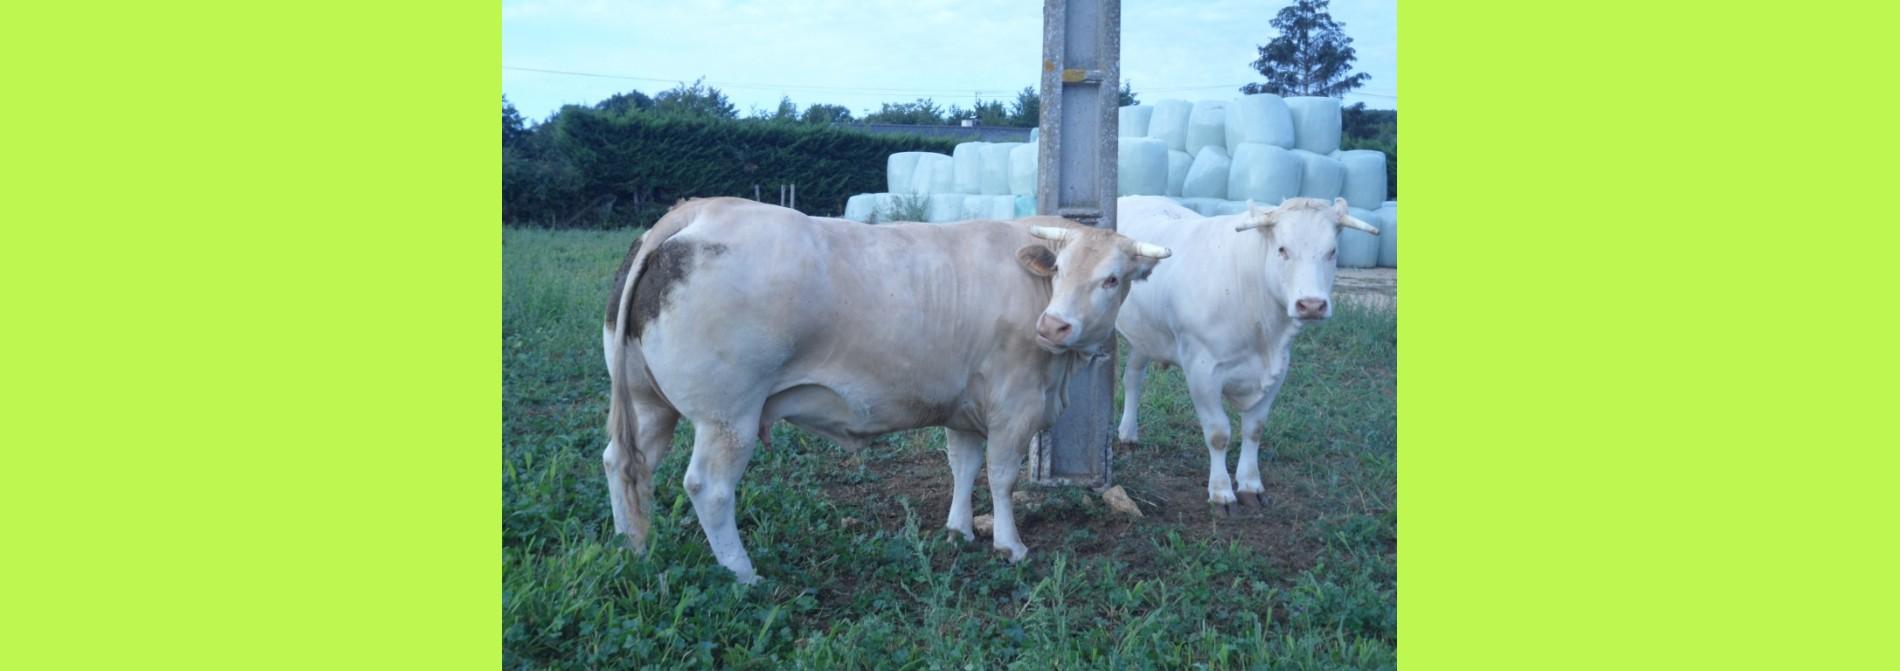 vache et boeuf